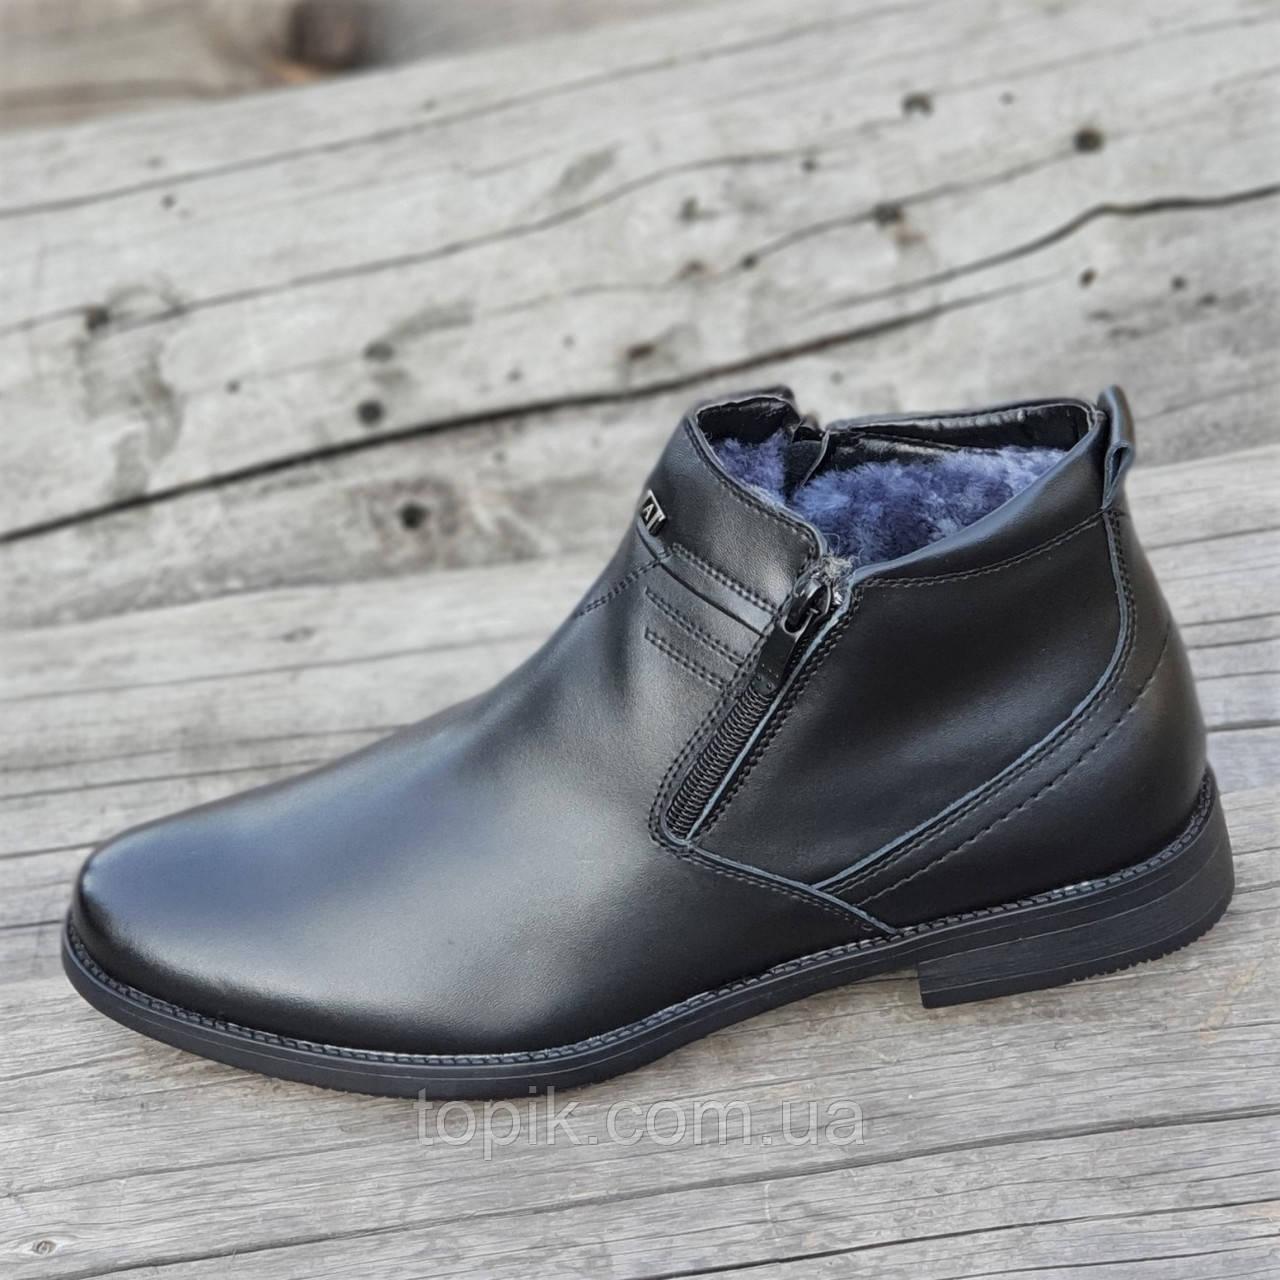 e6bc15469 Зимние классические мужские ботинки, полусапожки на молнии кожаные черные  на меху цигейка (Код: